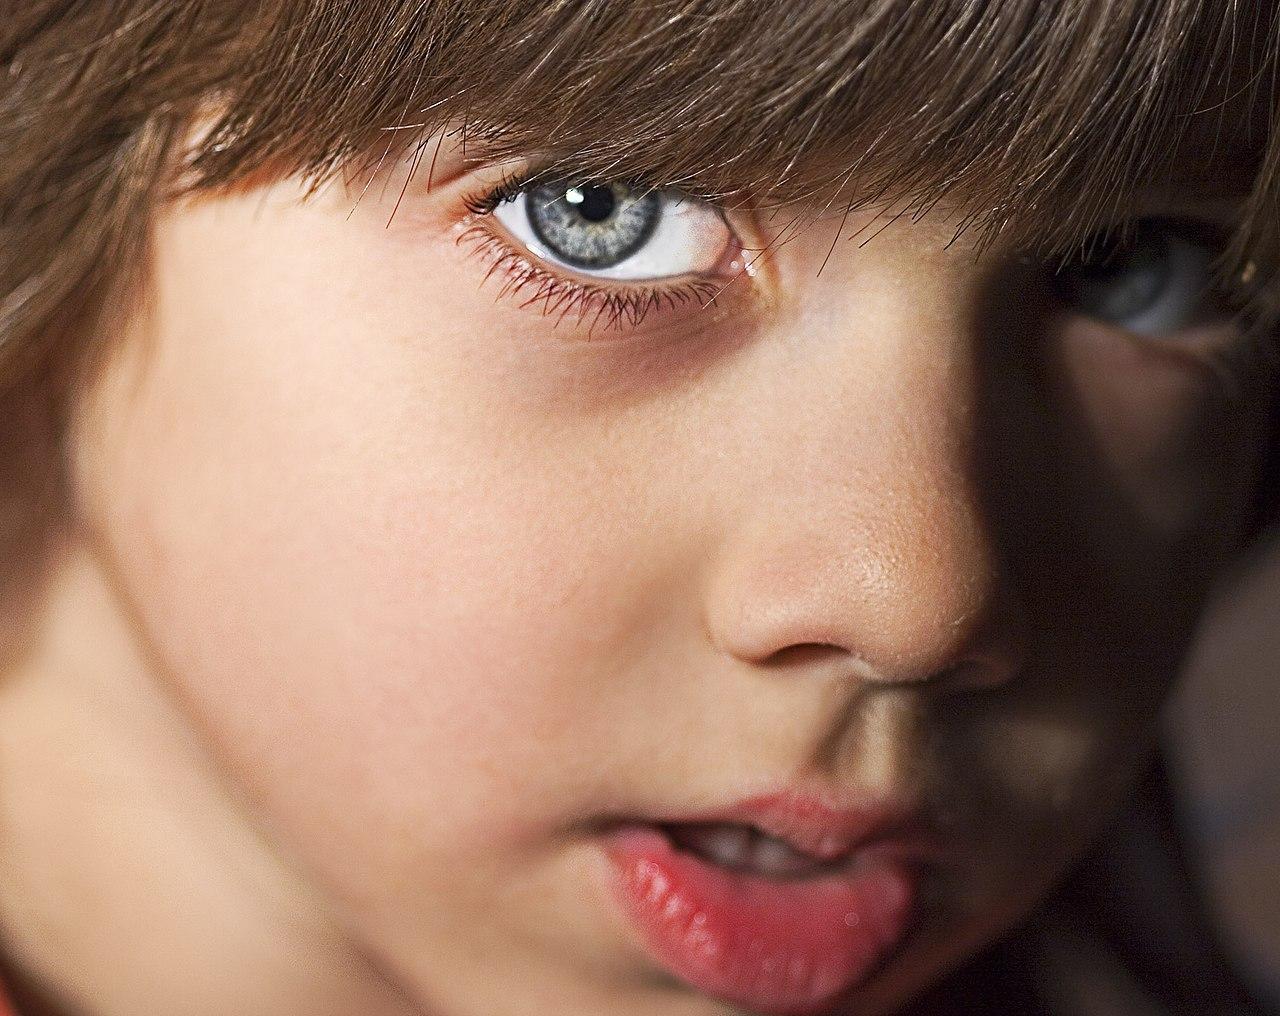 File:Boy, blue.jpg - Wikimedia Commons